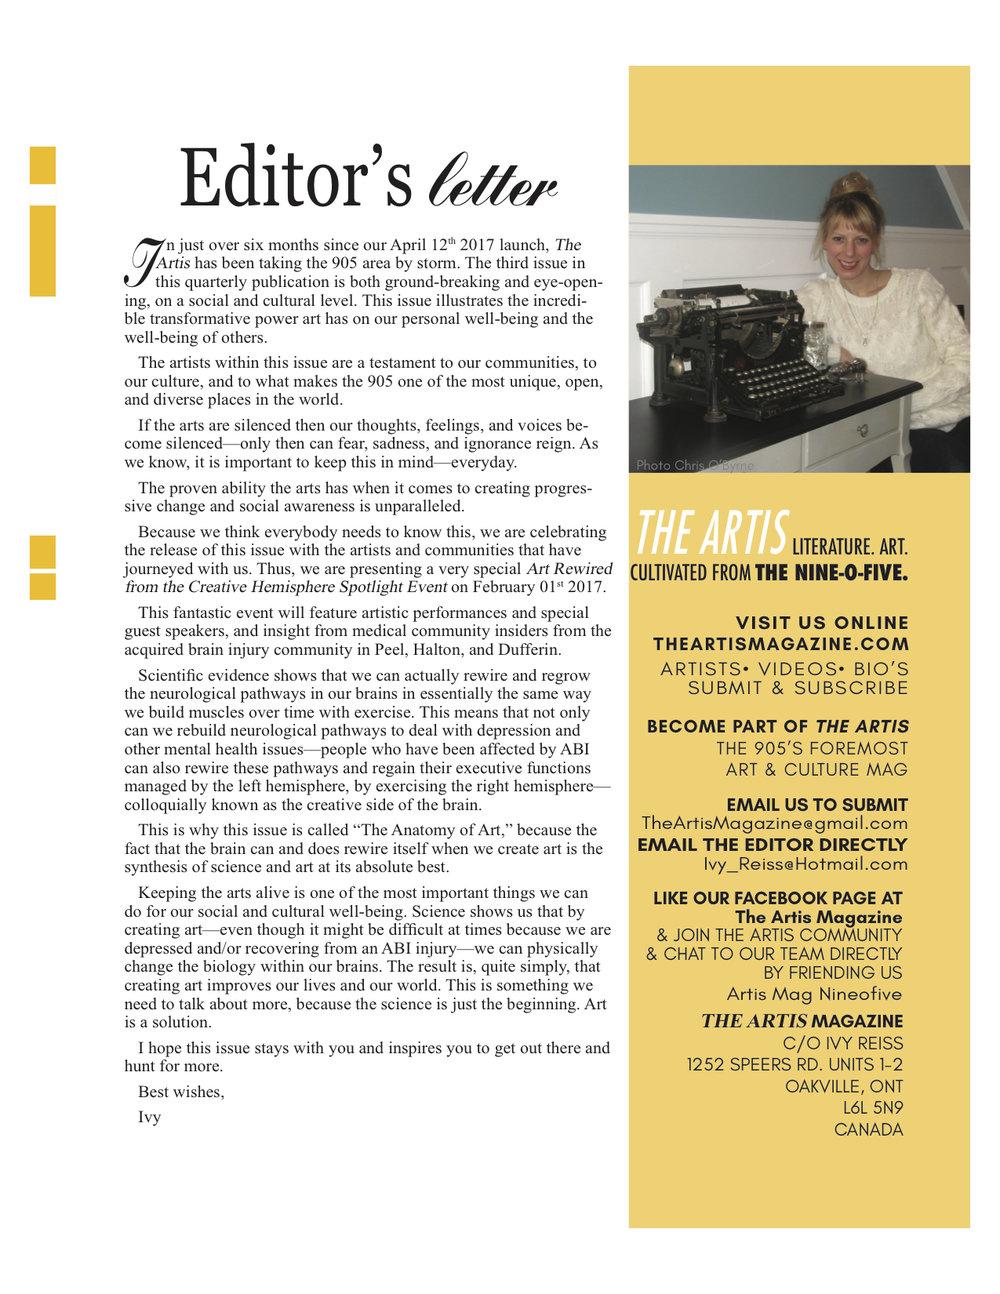 Artis 3 editors letter.jpg